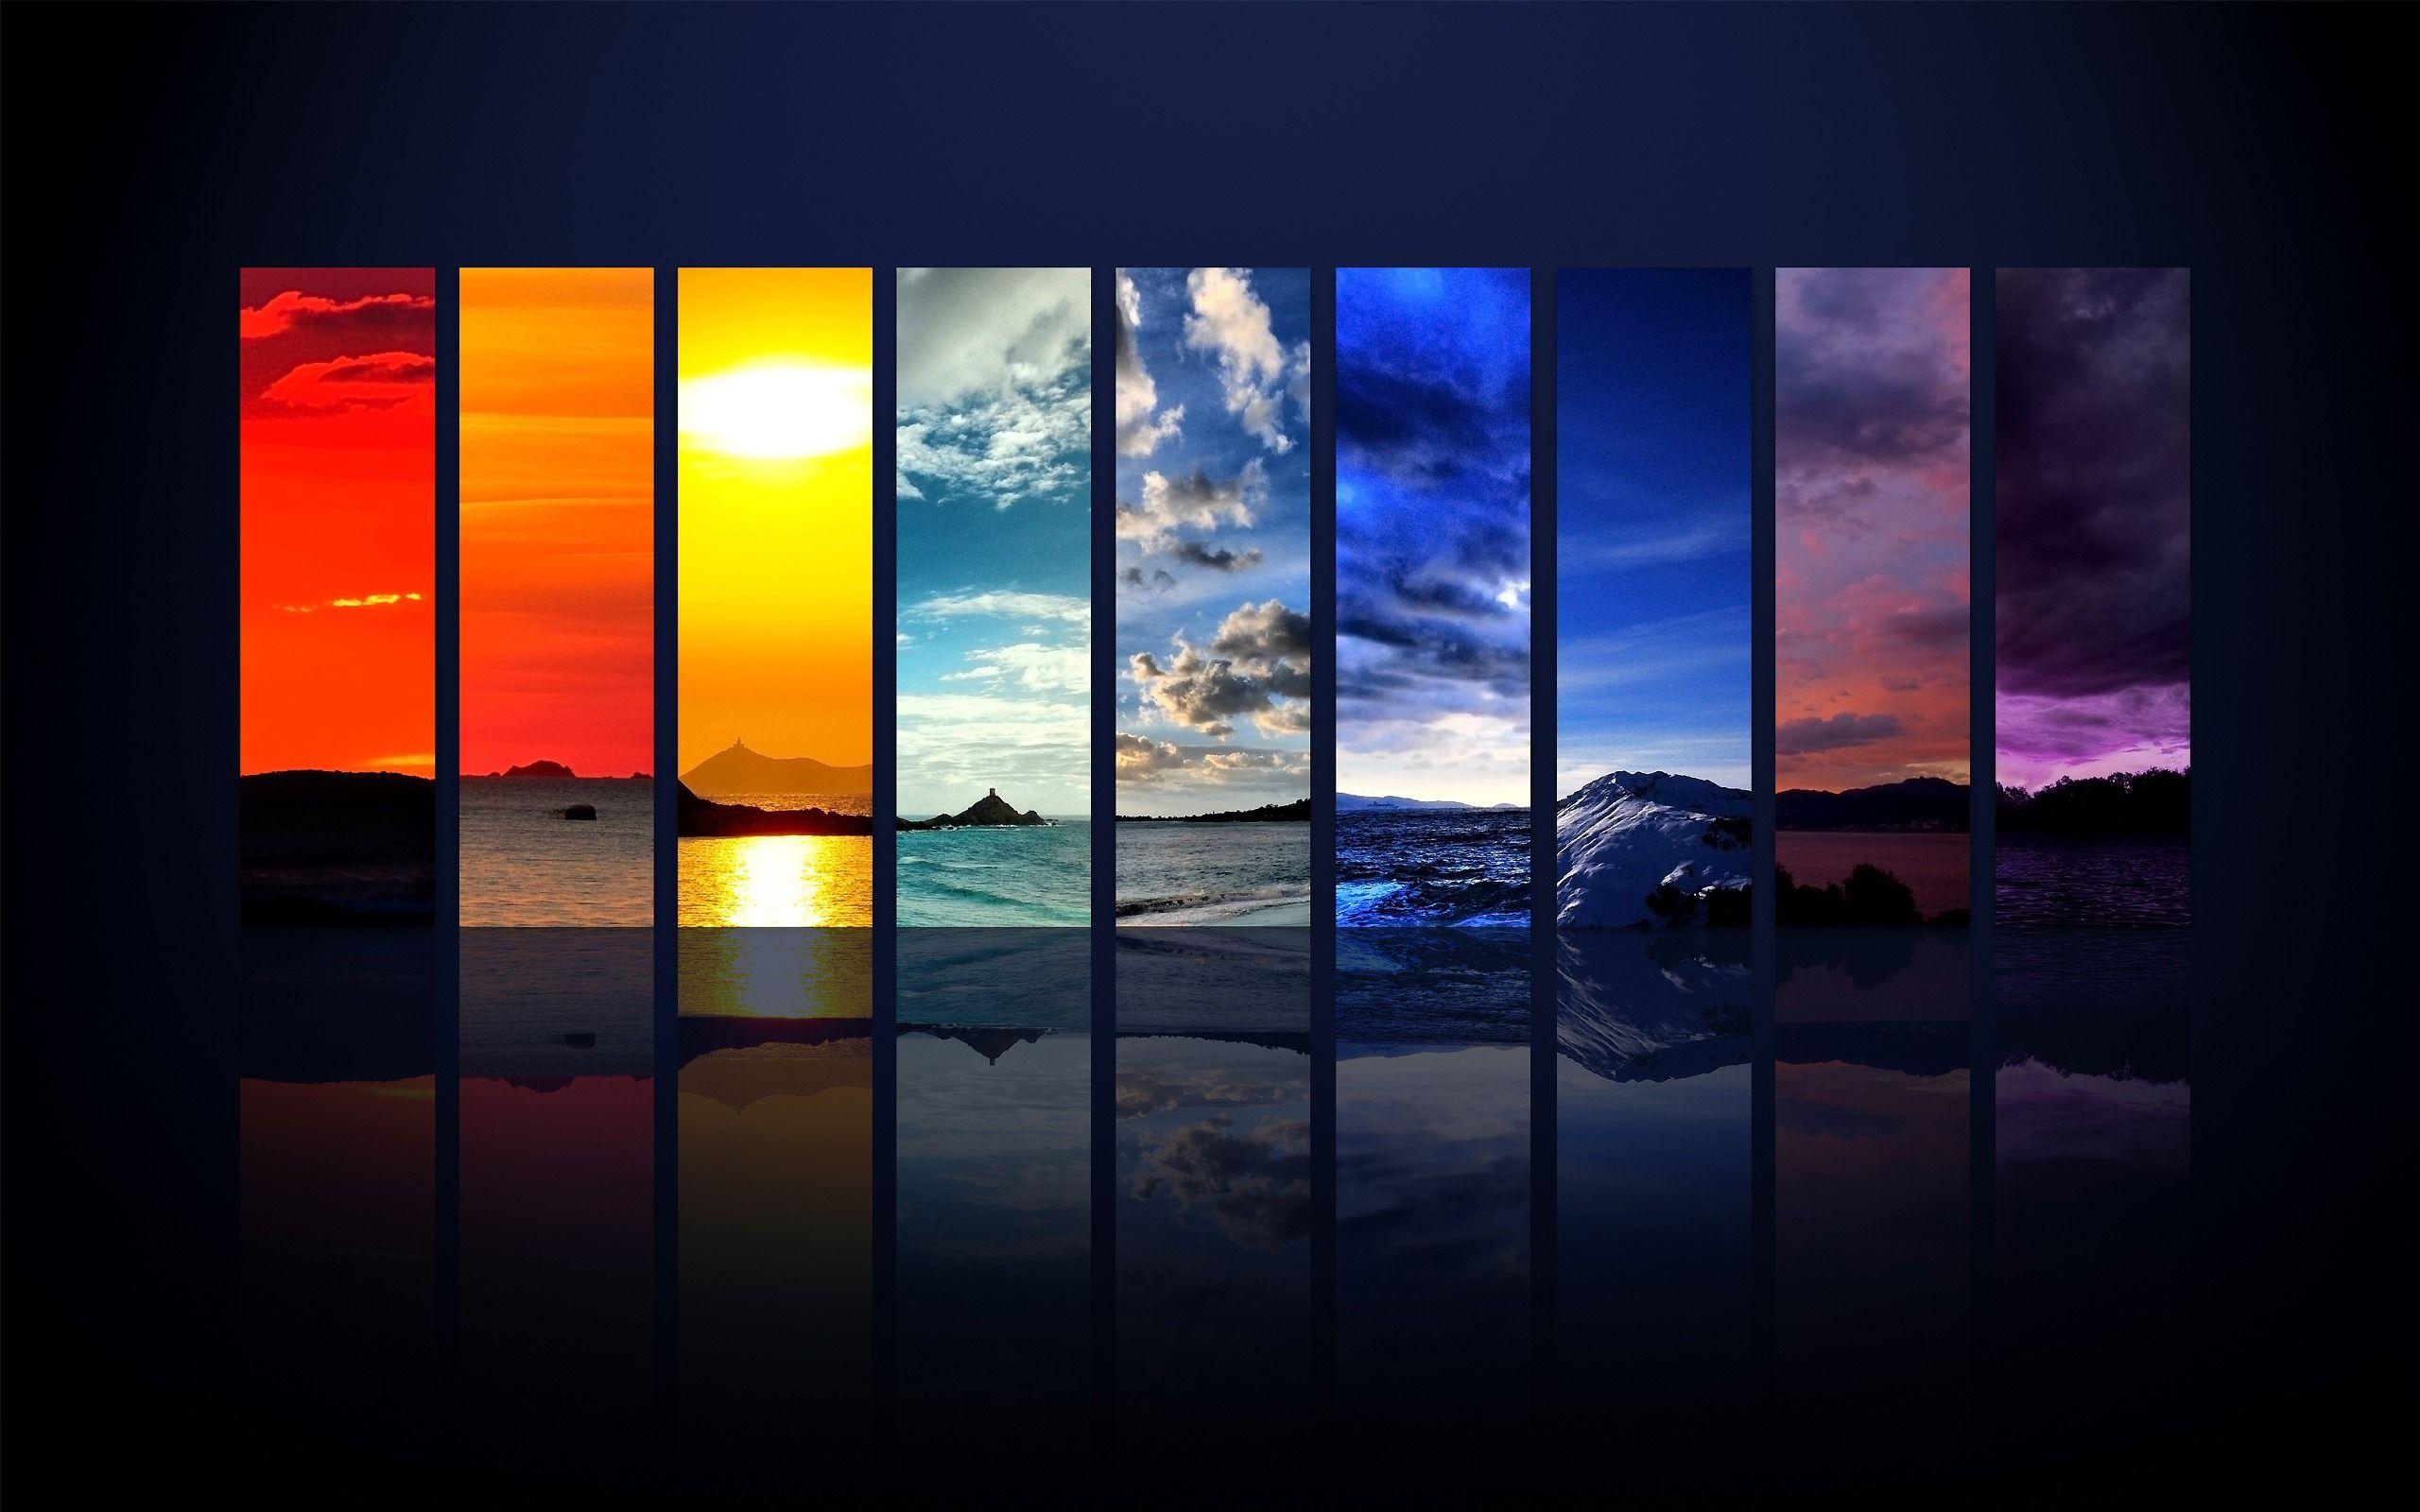 Super Creative Wallpaper 3 8 2560x1600 Cool Desktop Backgrounds Background Hd Wallpaper Desktop Background Pictures